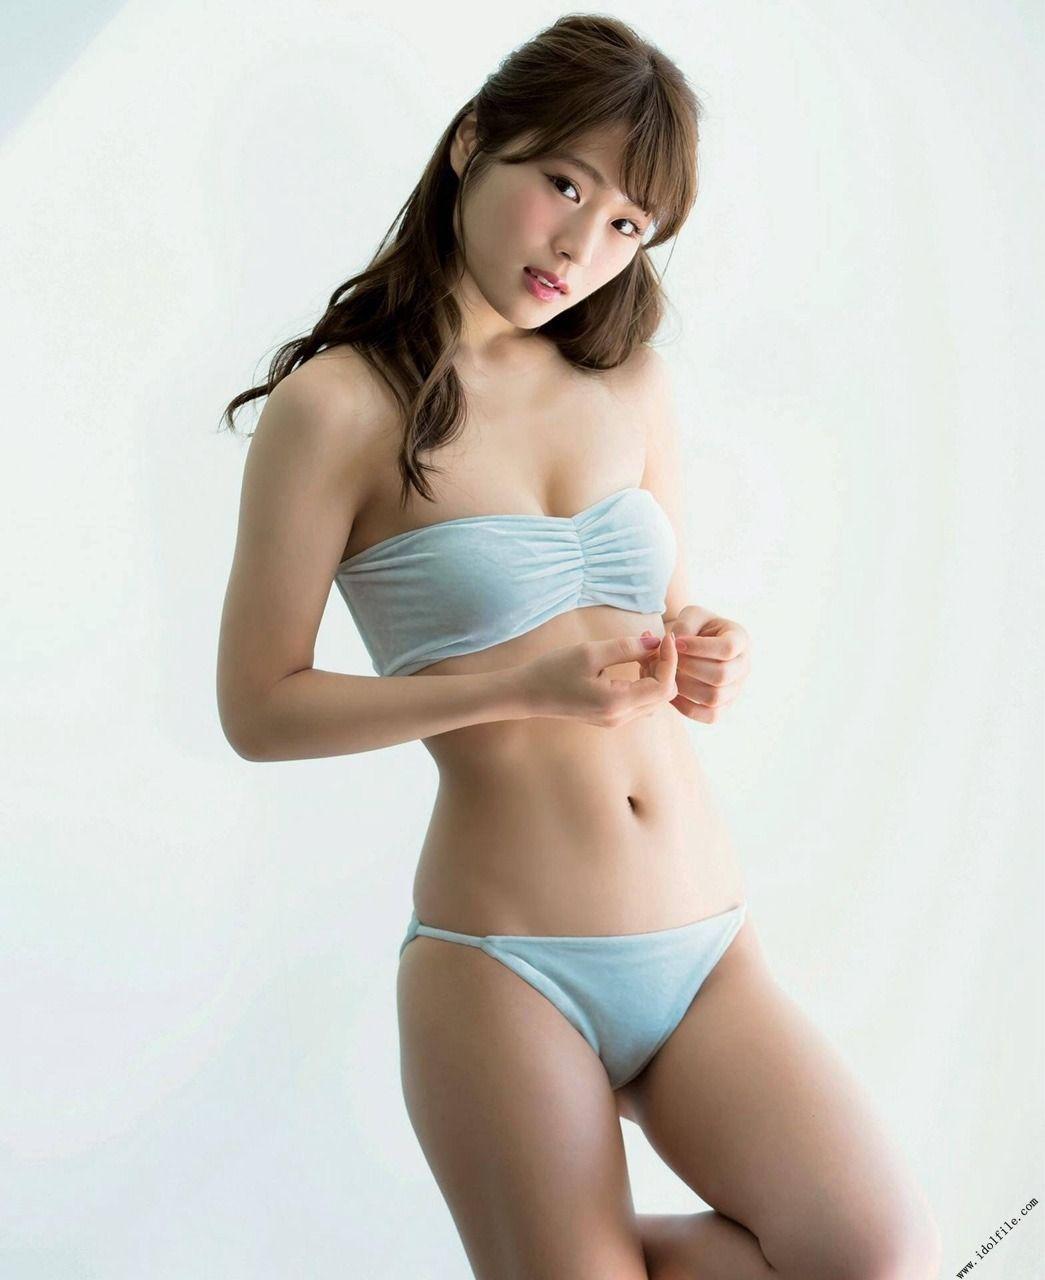 渋谷凪咲エロ画像tumblr_p05wkxgQ1x1wfgta1o5_1280